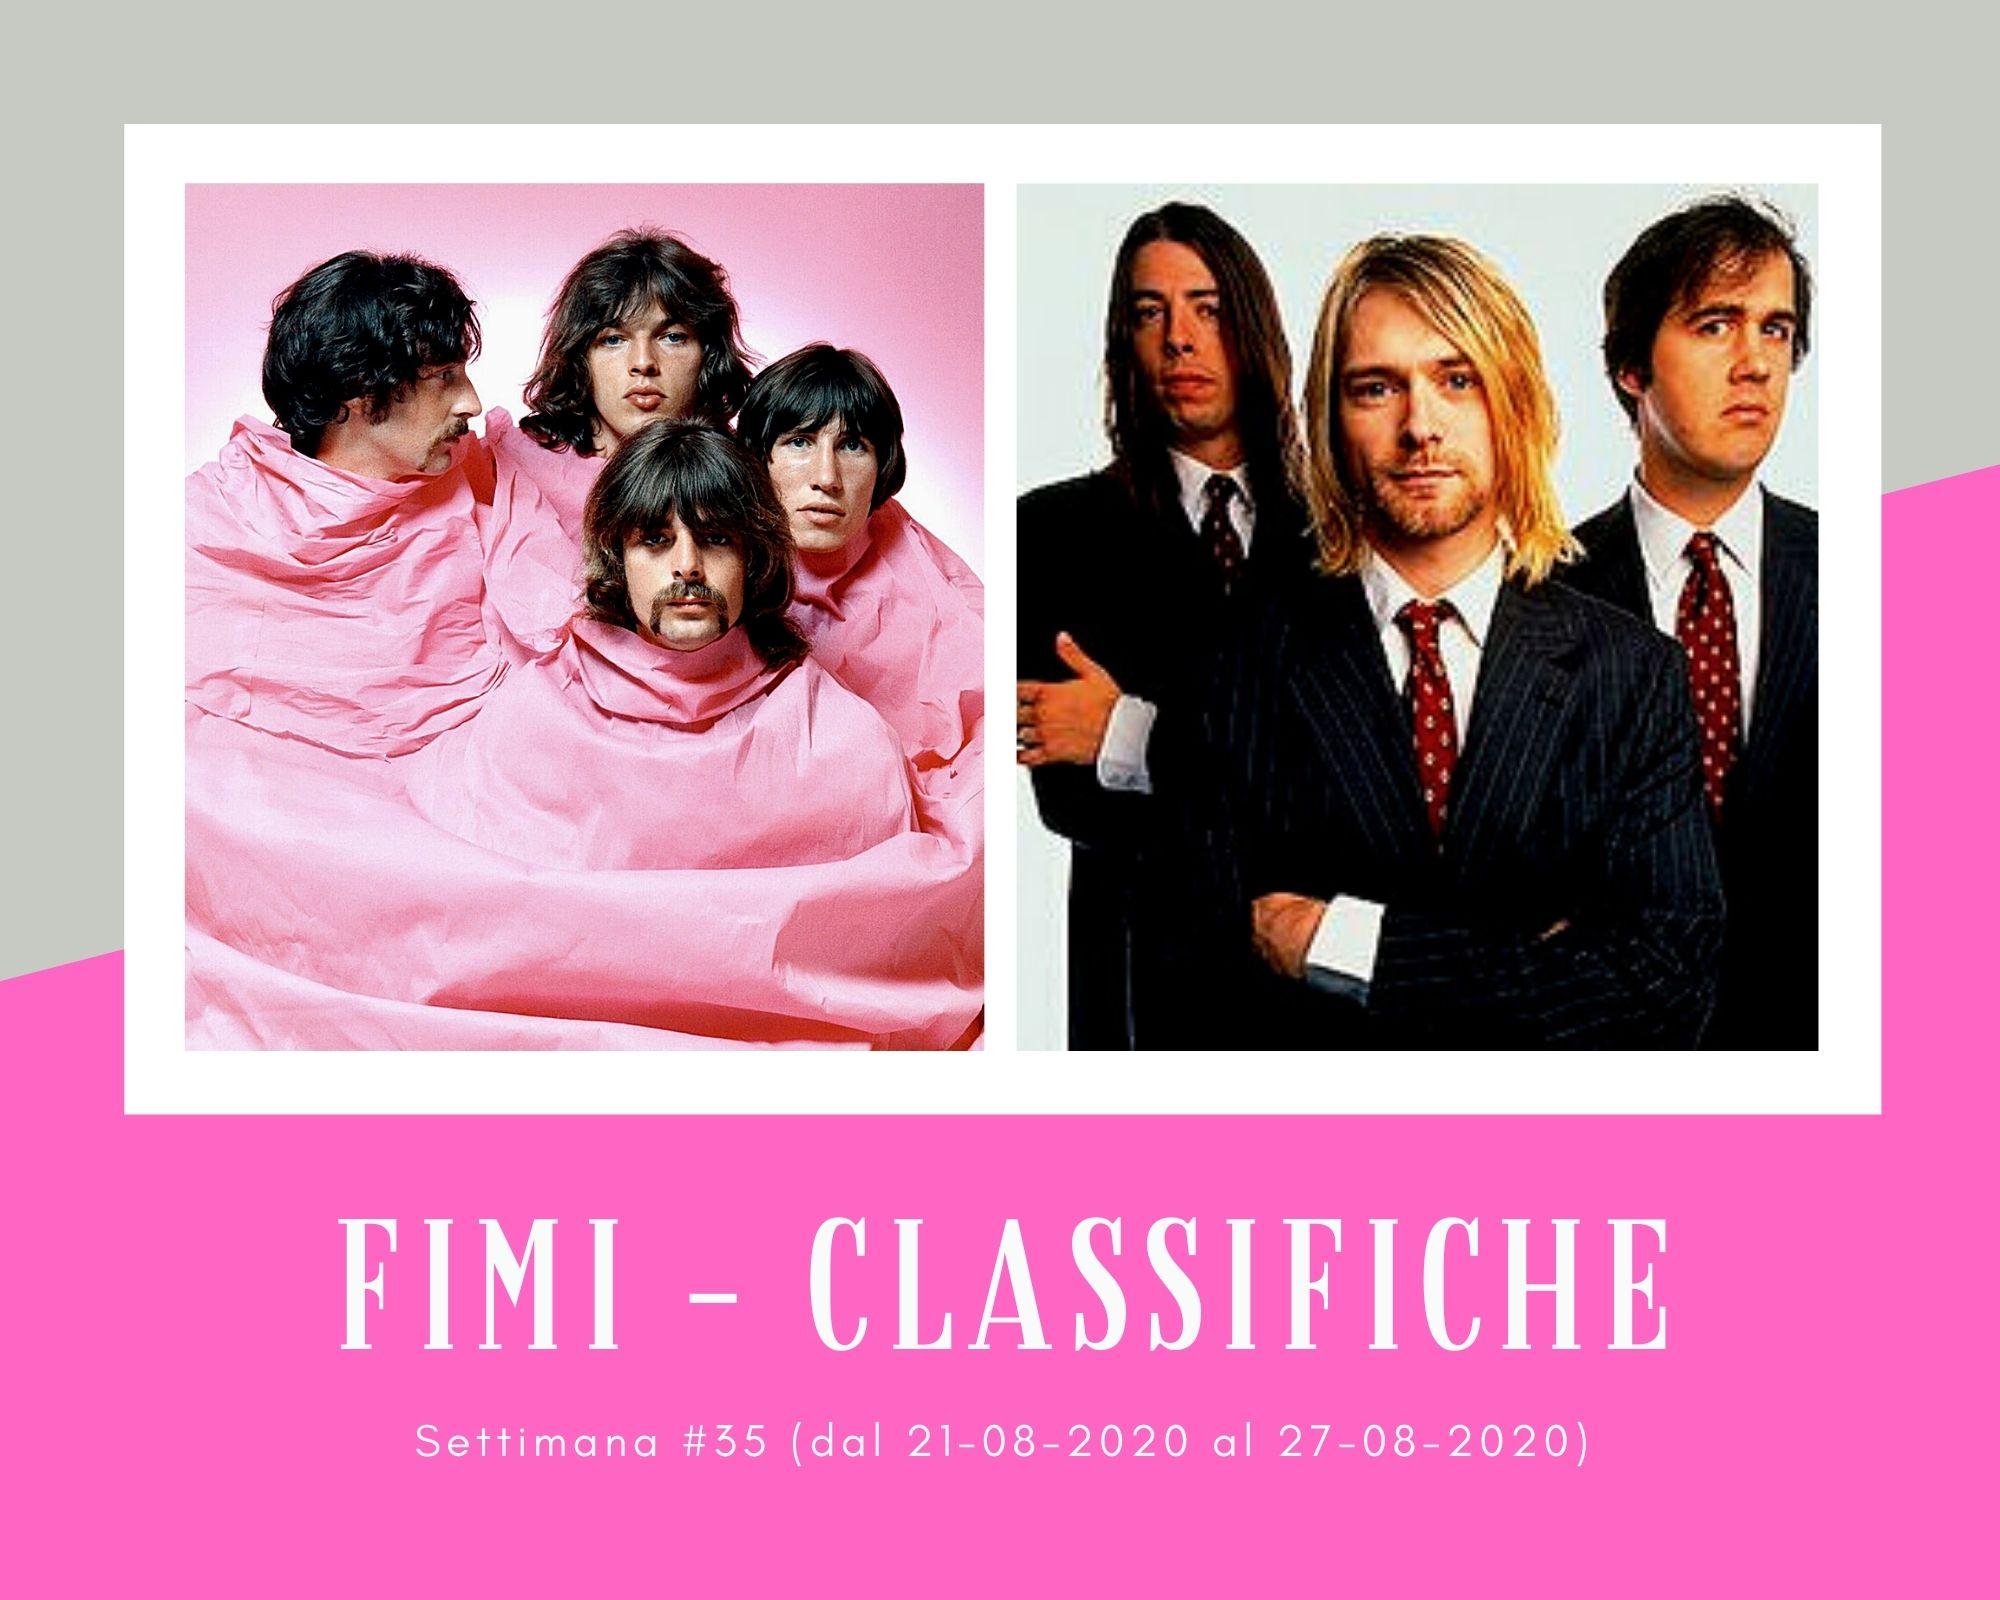 Classifiche FIMI, week 35: Il rock dei Pink Floyd e Nirvana suona in vinile. Tormentoni e rapper acquistati in digitale